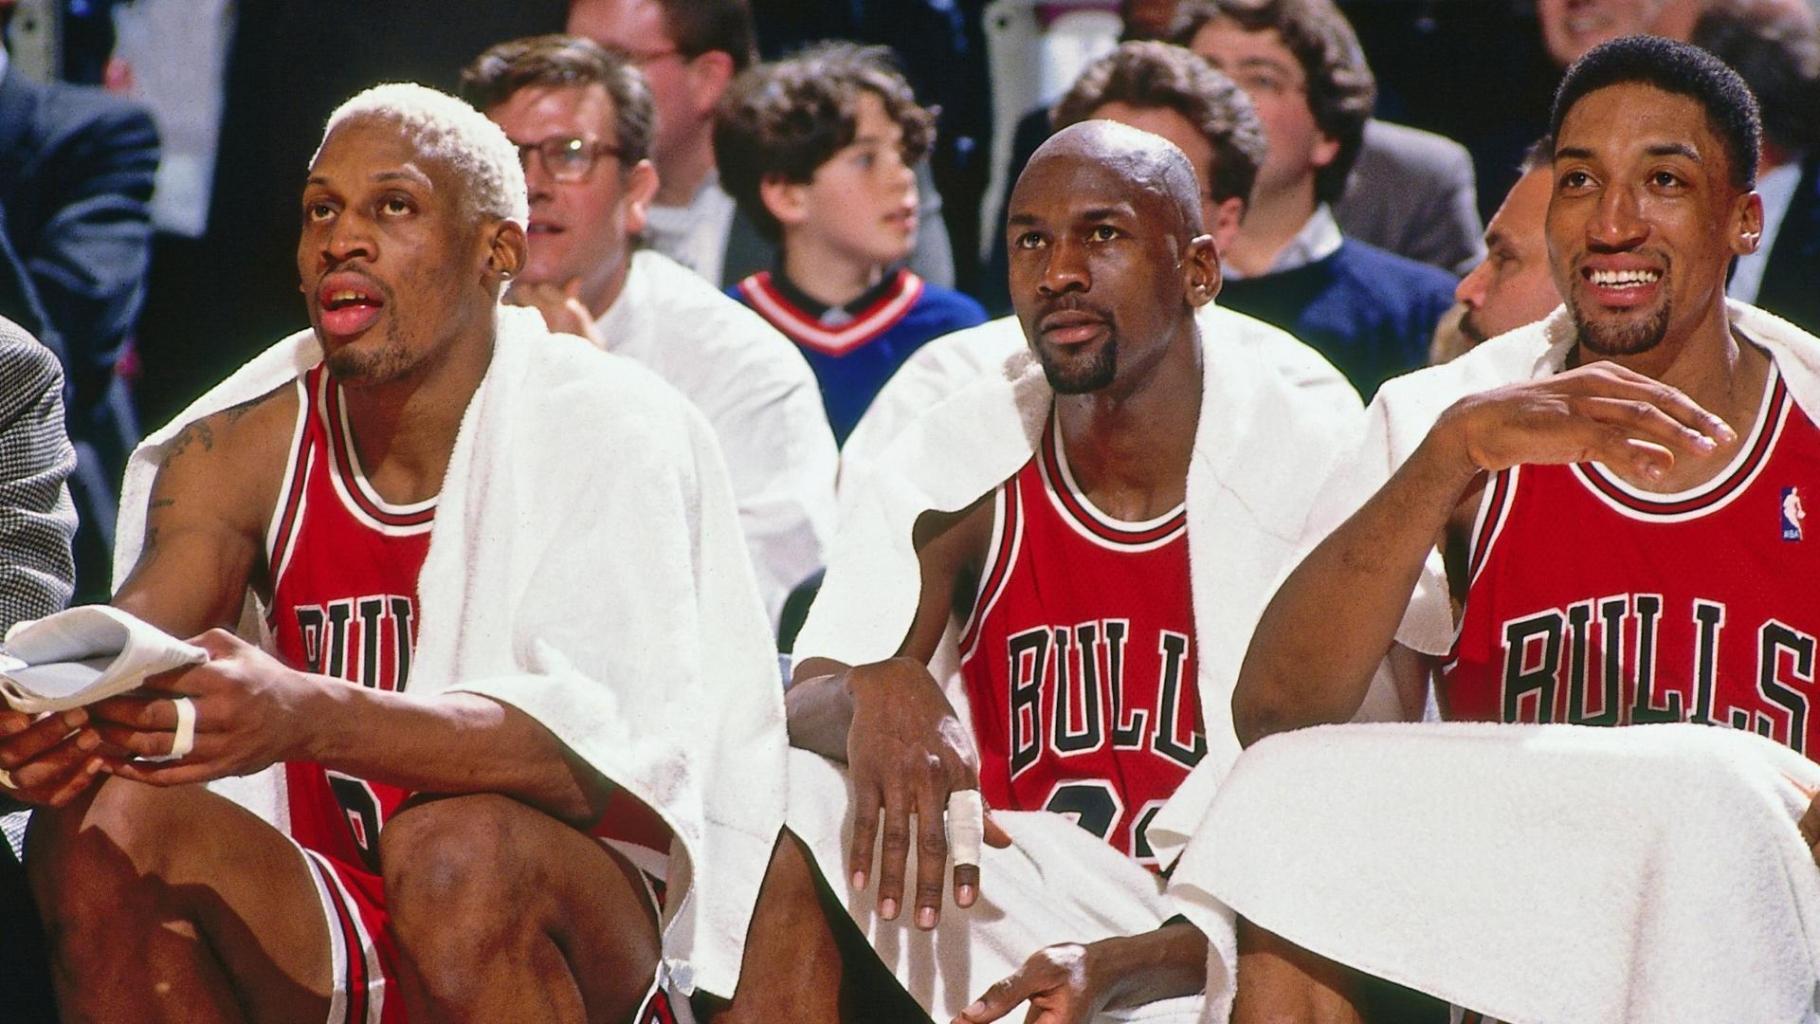 A csapatmunka diadala: Chicago Bulls - sztárok és vízhordók egységes csapata